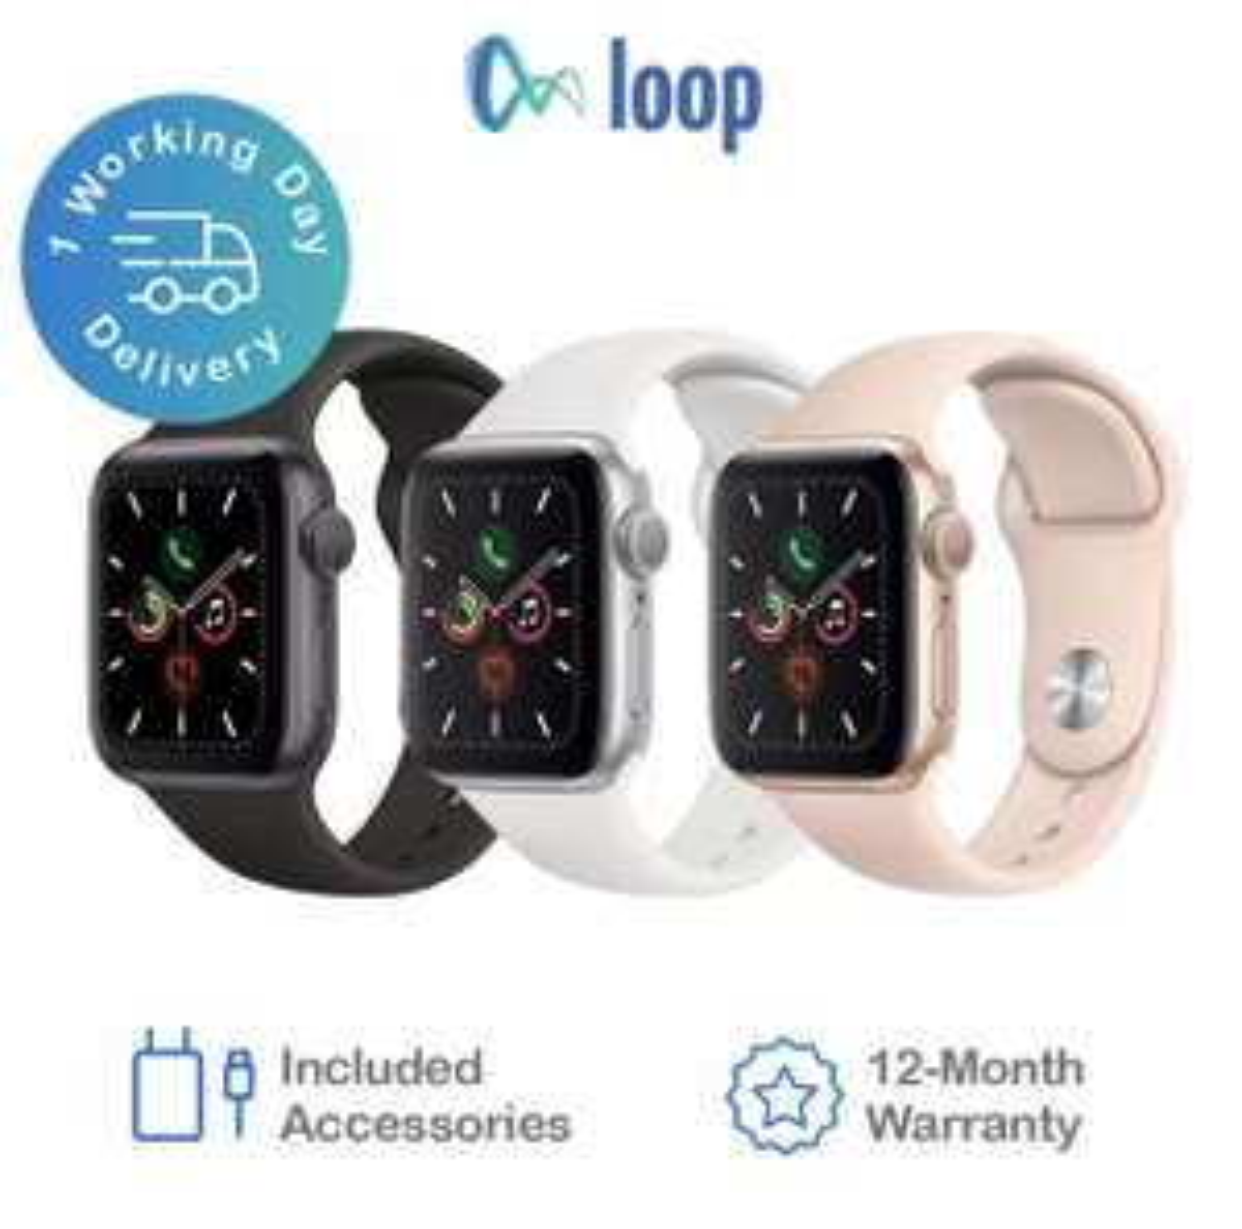 (Stainless Steel) - Apple Watch Series 5 Cellular 40mm & 44mm - Various Grades - C £231.96, B £255.96 @ loop_mobile / eBay